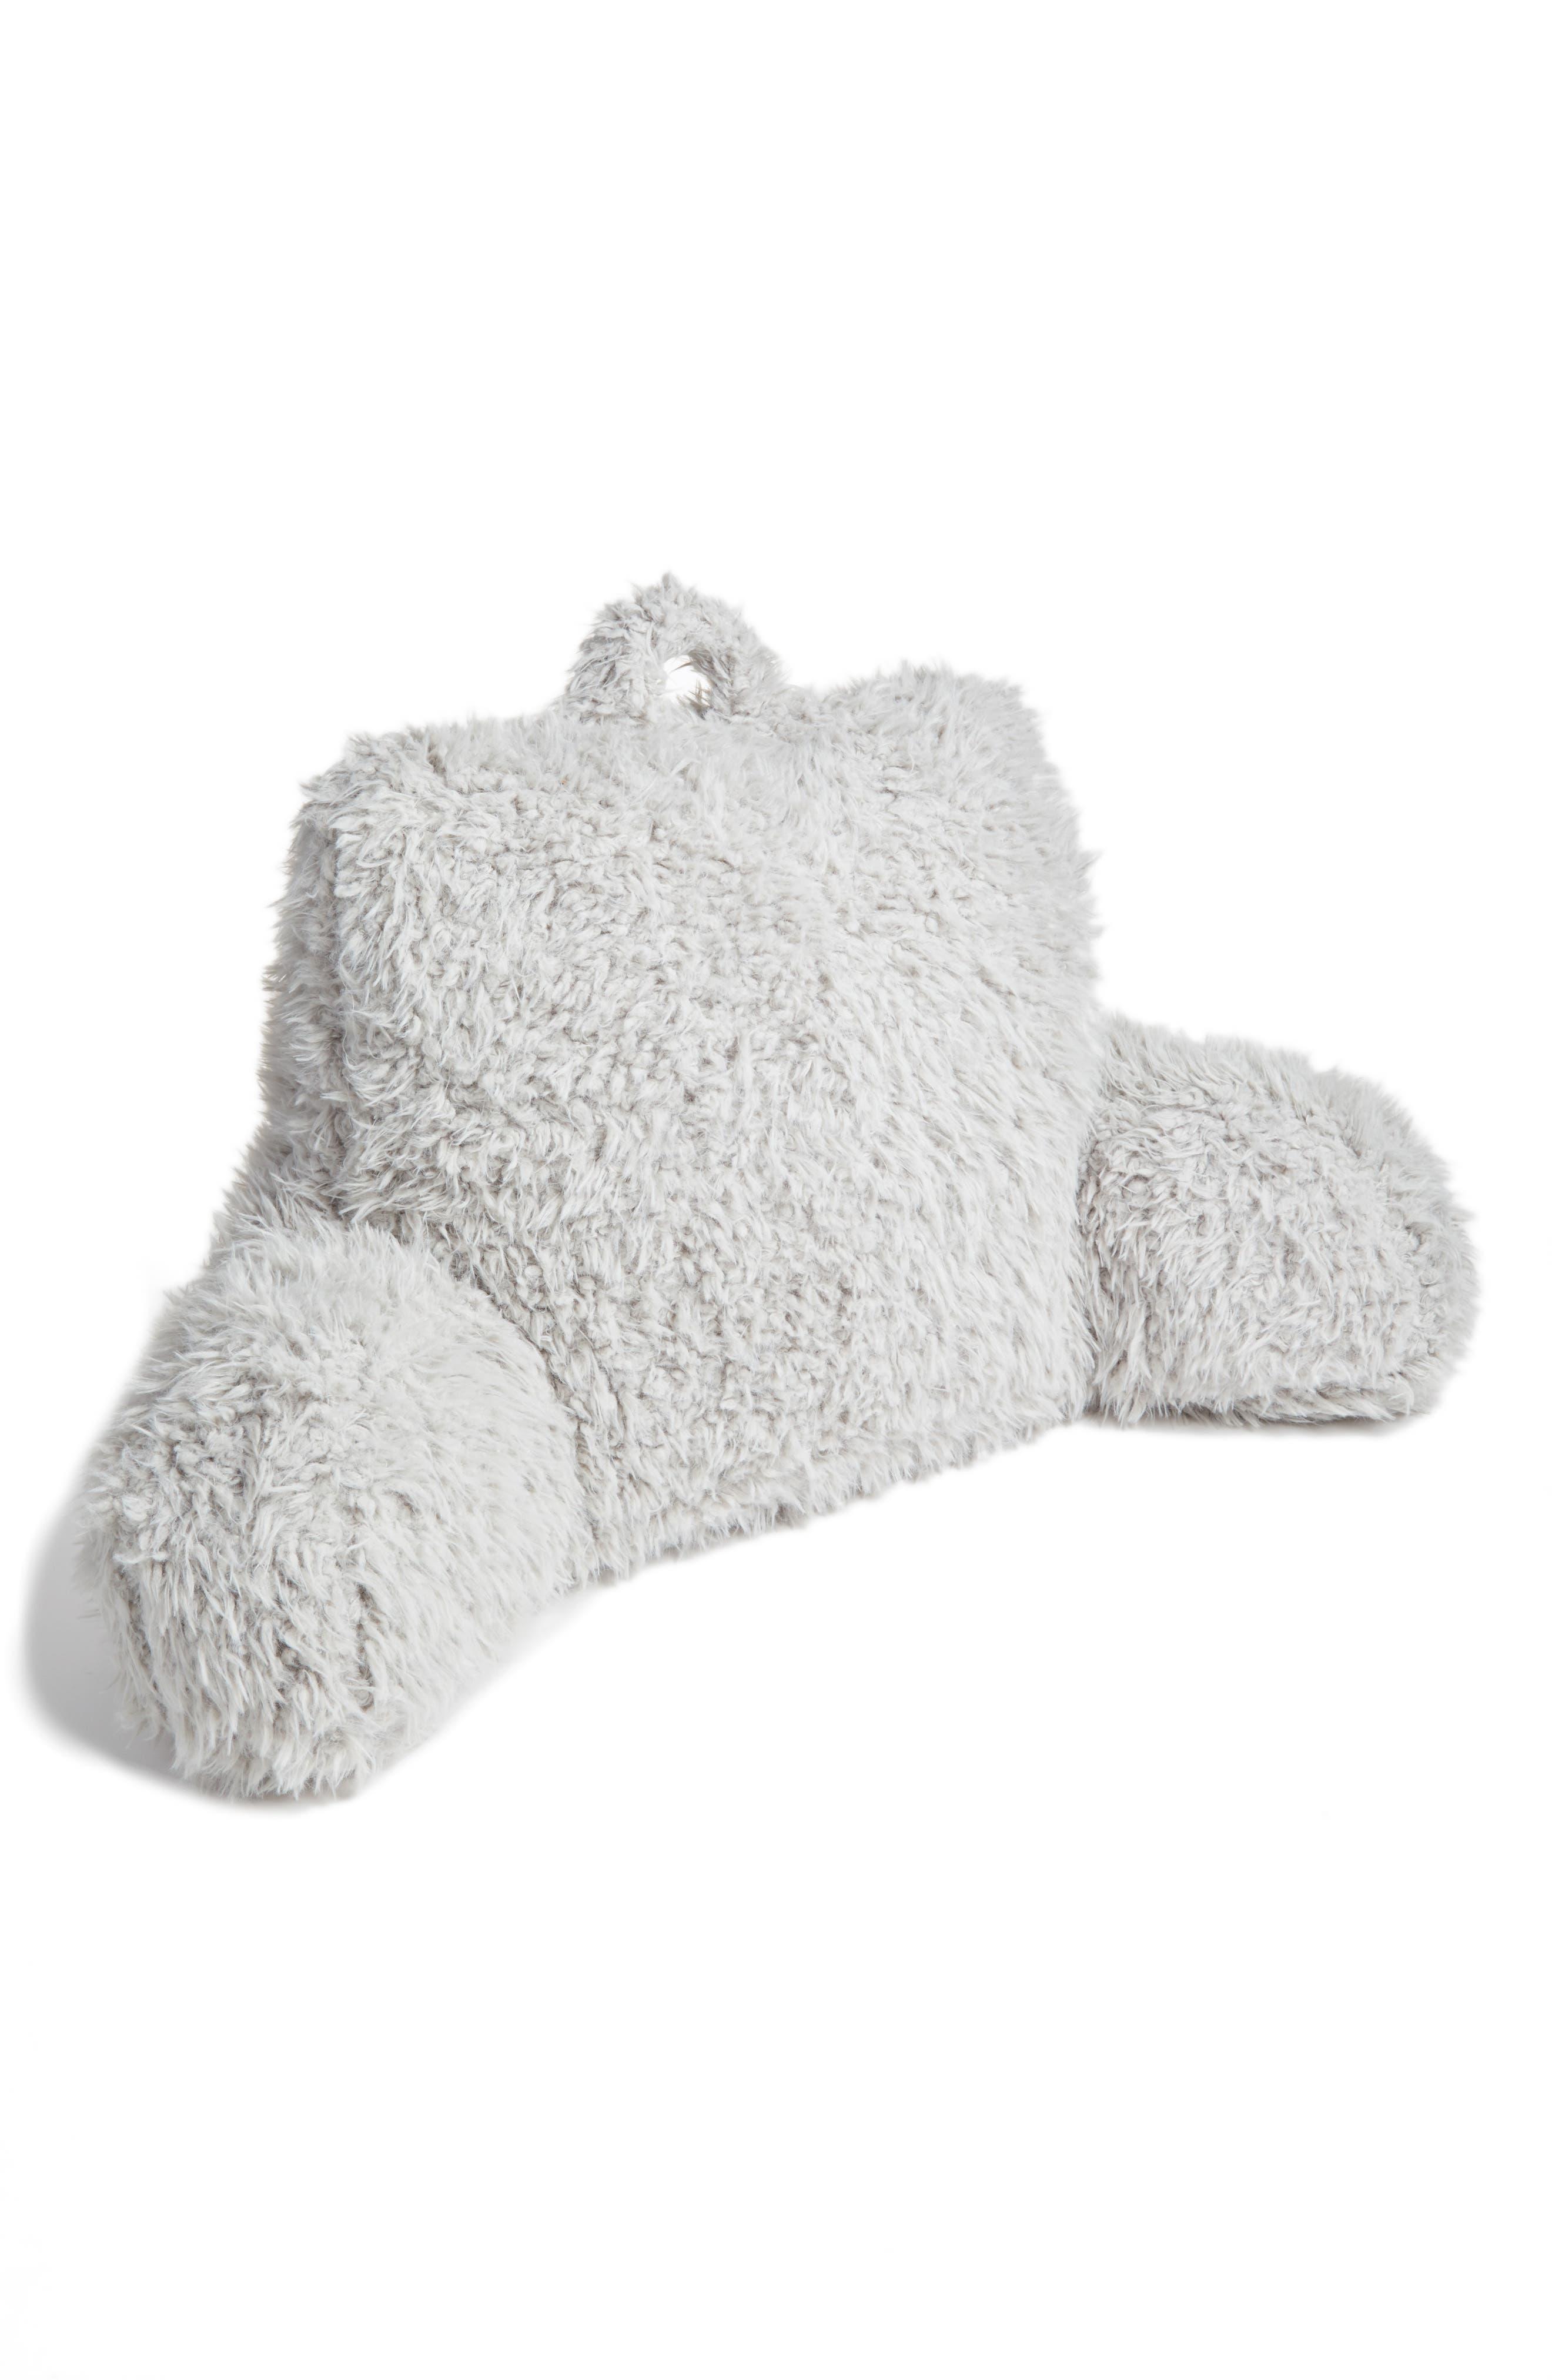 Shaggy Faux Fur Backrest Pillow,                             Main thumbnail 1, color,                             020